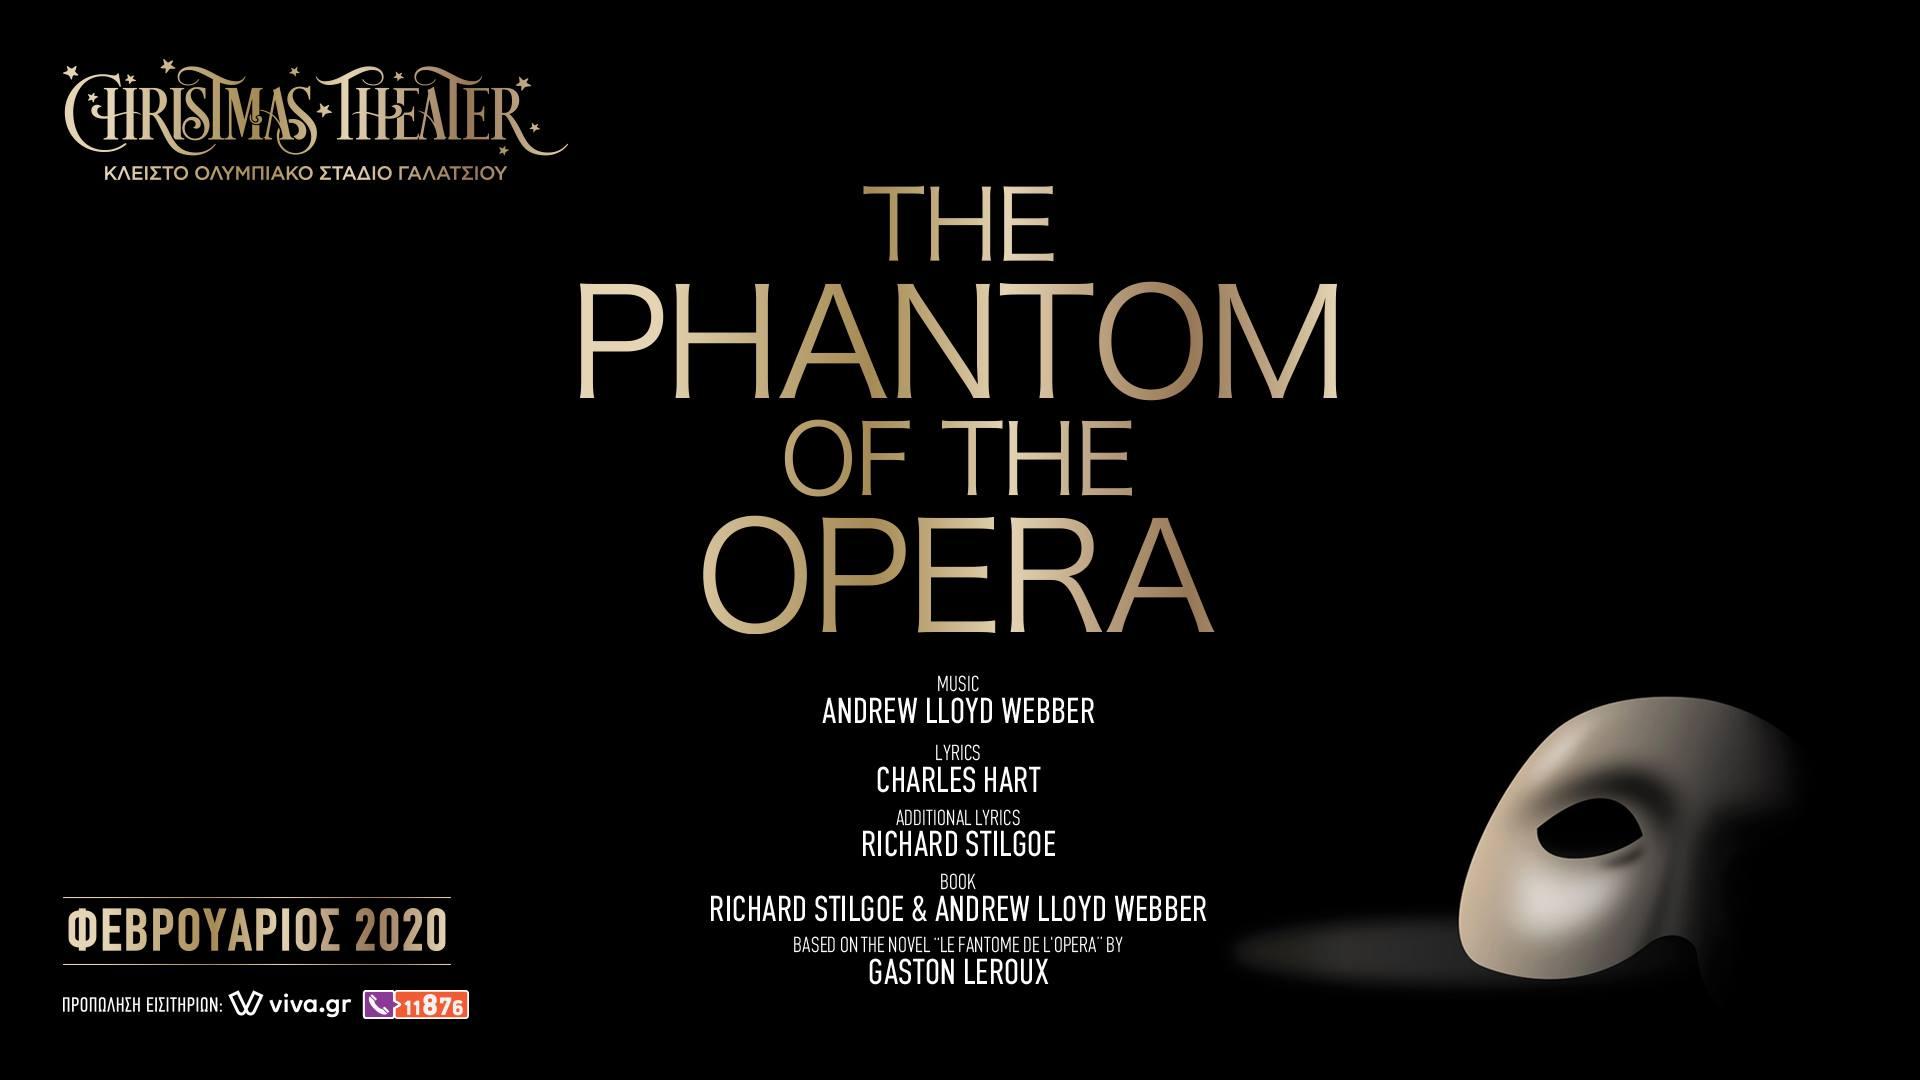 Θρίαμβος στην πρεμιέρα της παράστασης «The Phantom of the Opera» | Παράταση έως 29 Μαρτίου